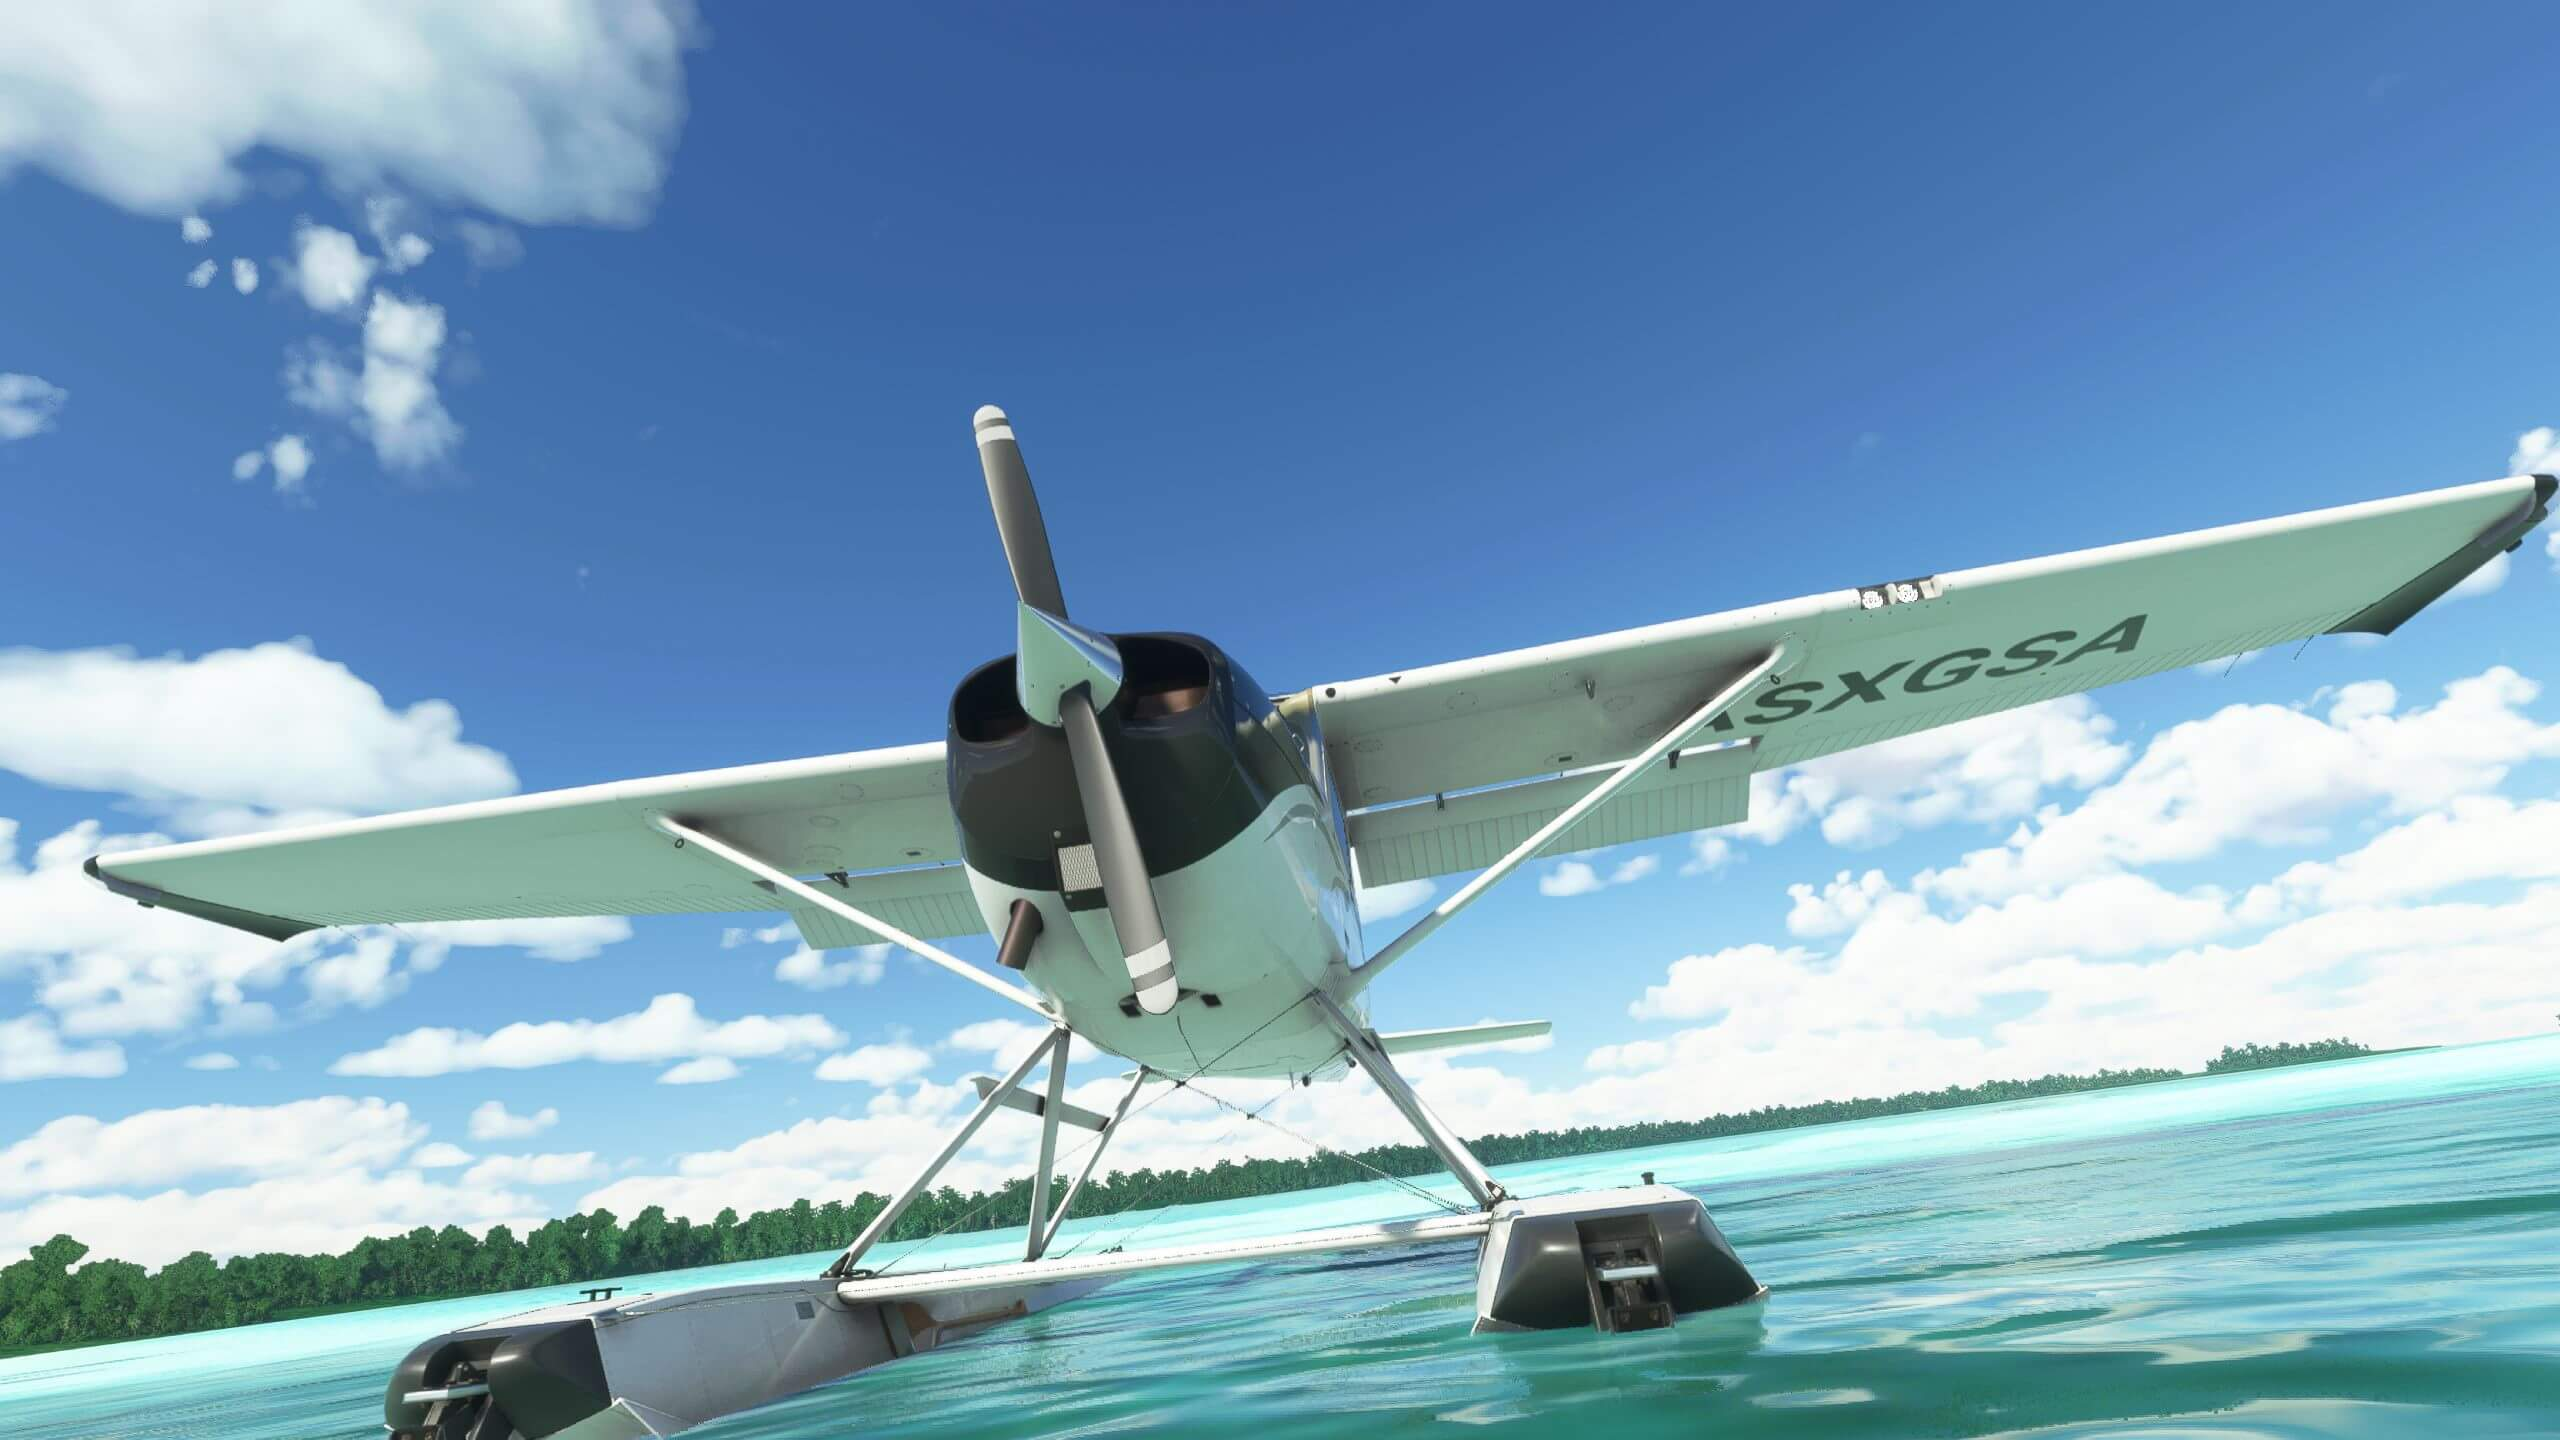 www.flightsimulator.com